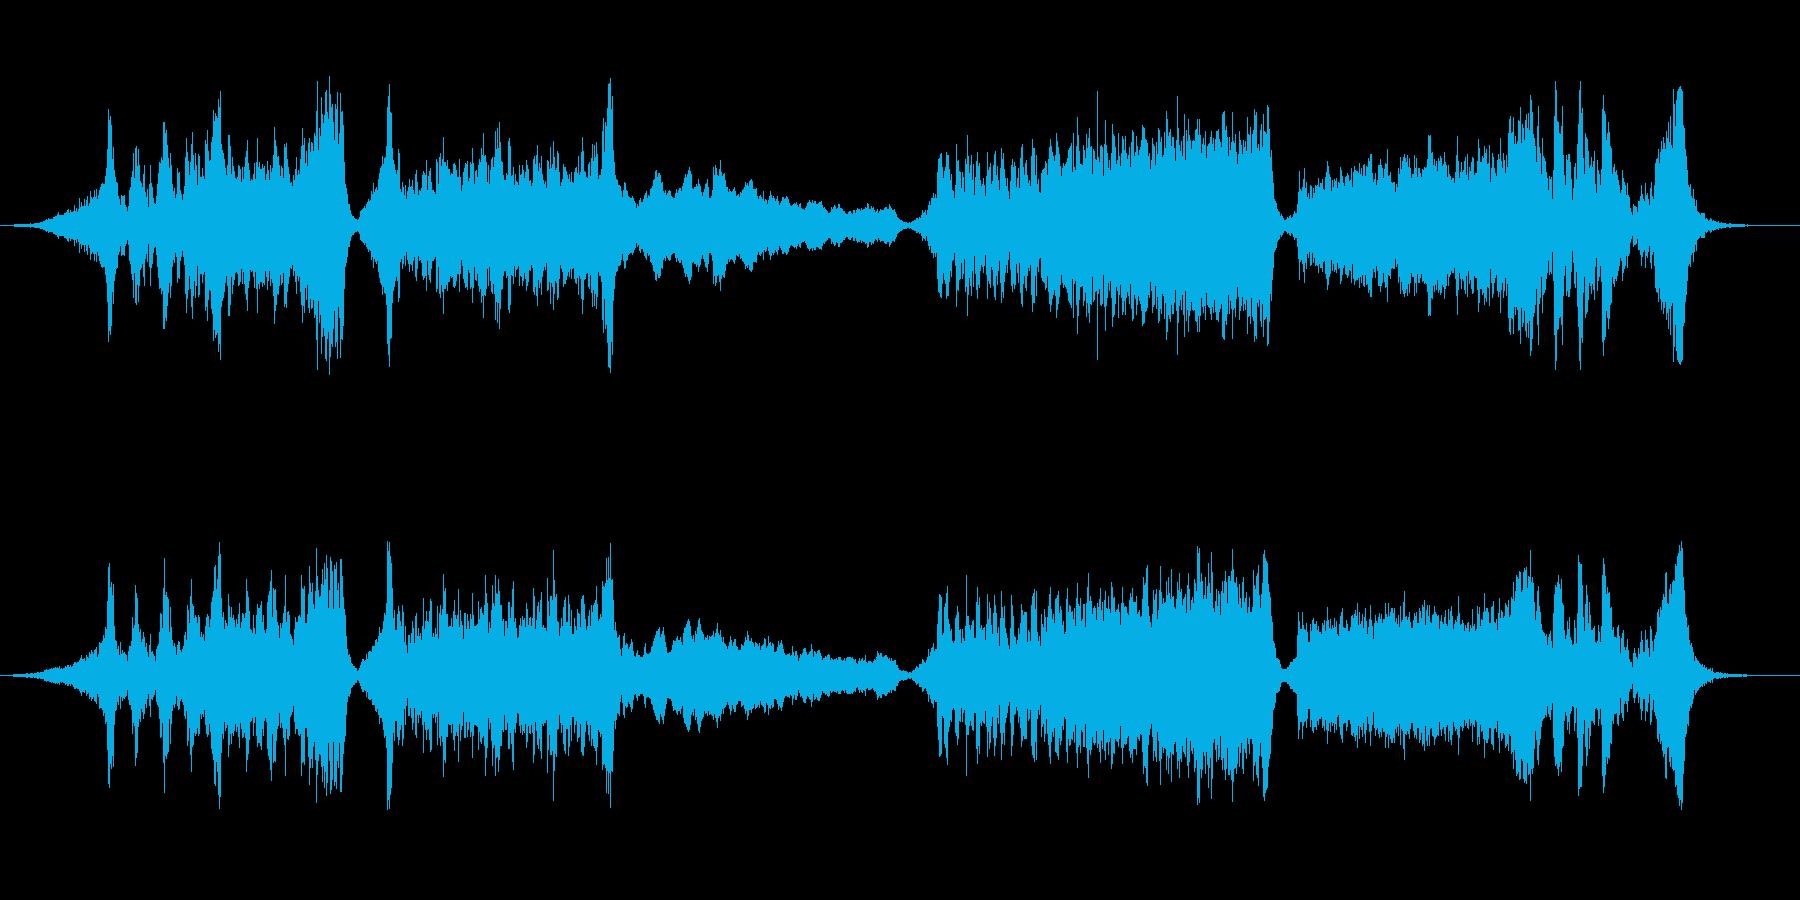 トレーラー(予告編):アクション映画の再生済みの波形